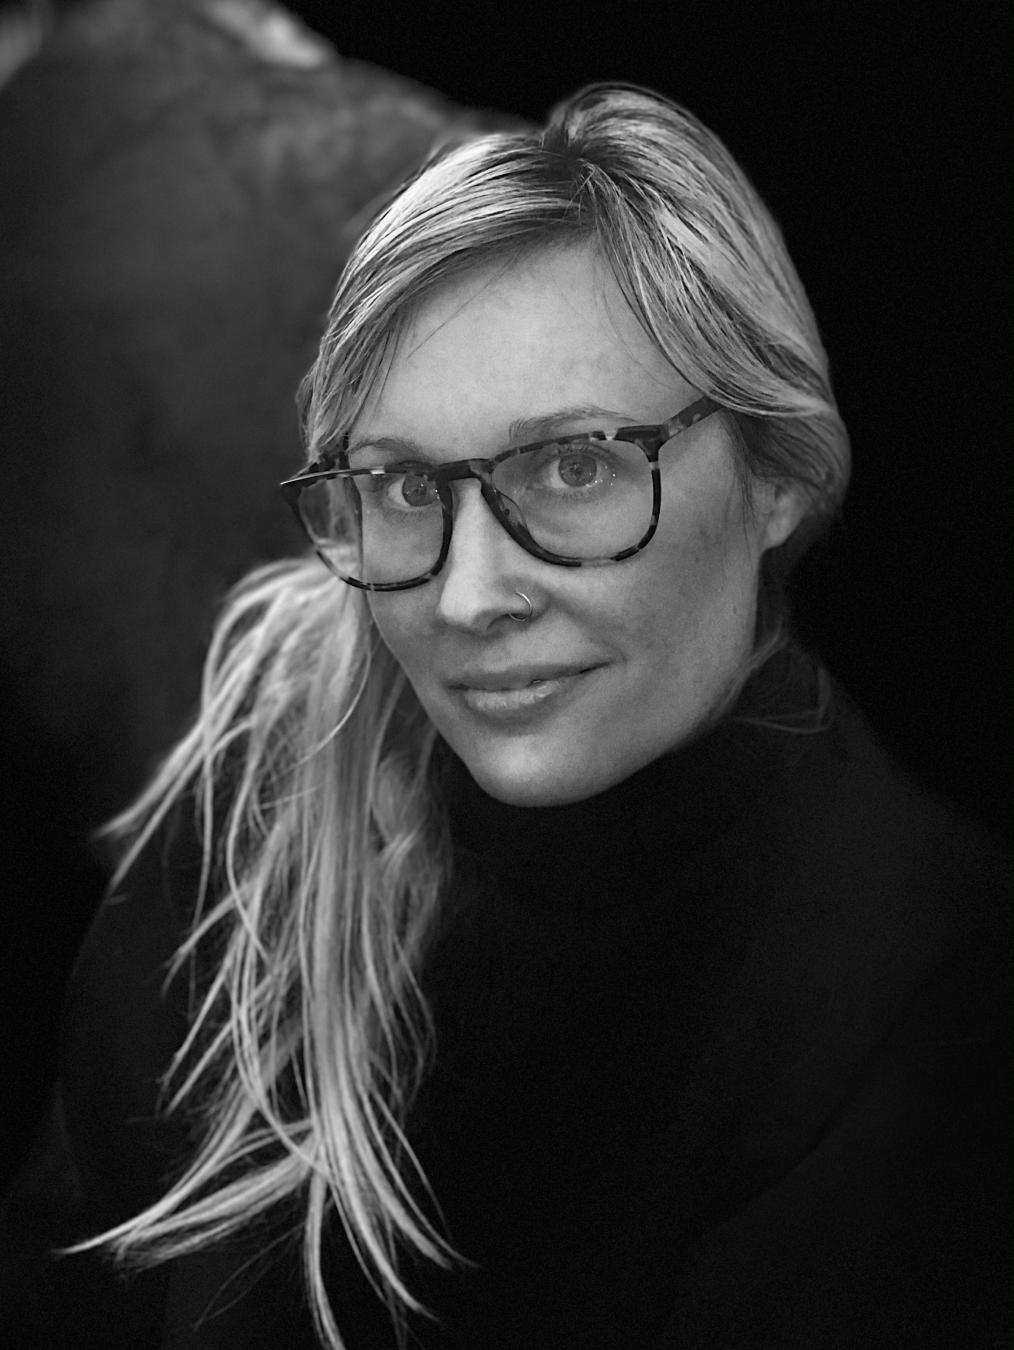 Janie Faison - Motion Designer